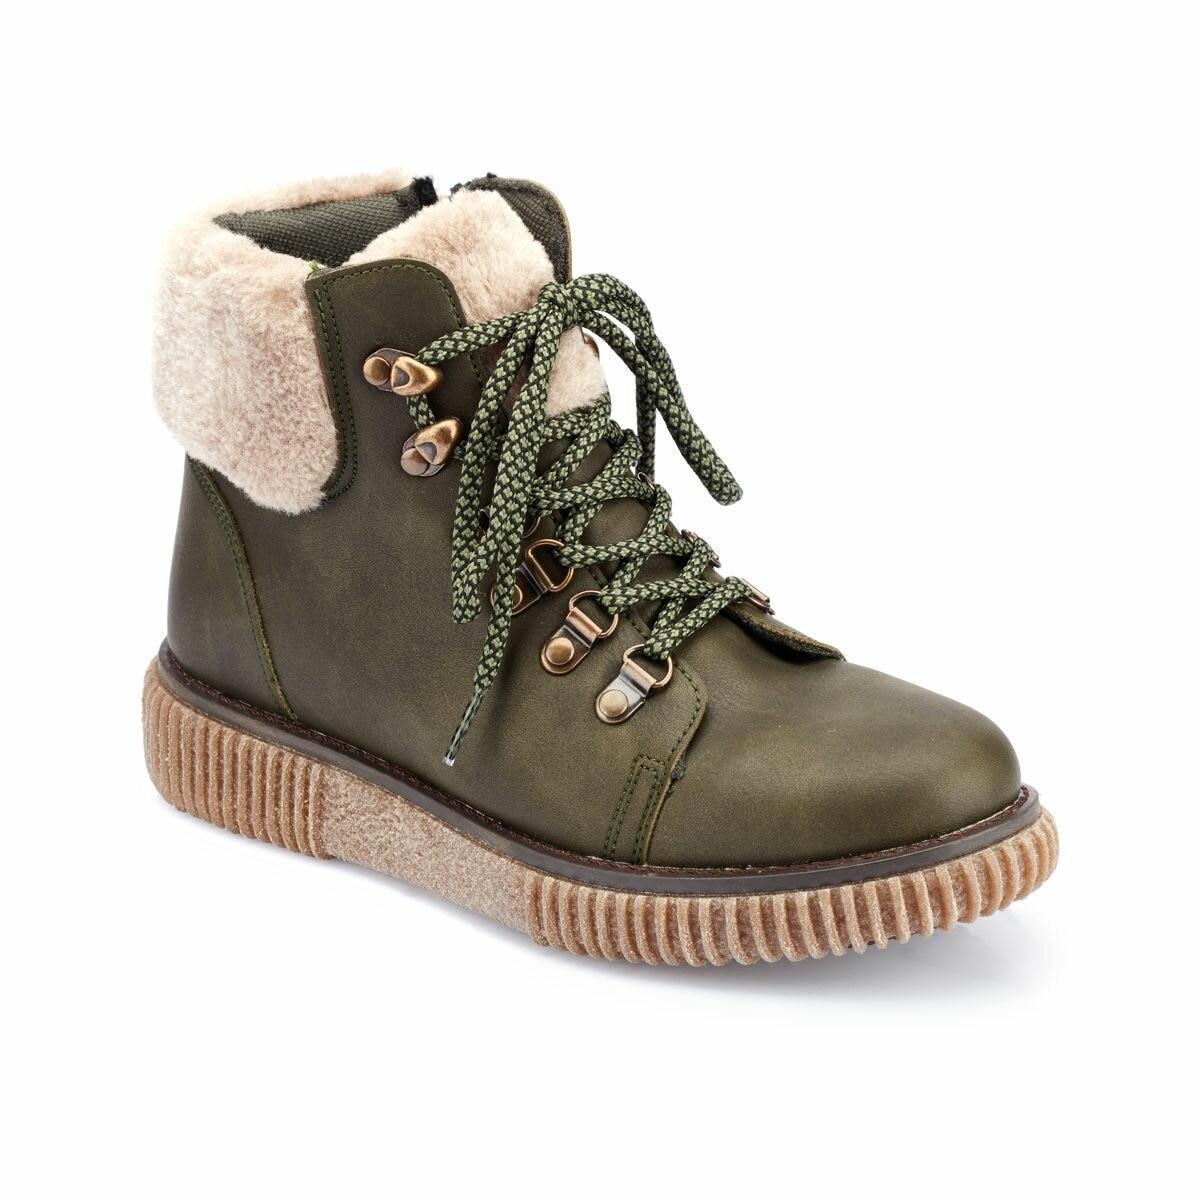 FLO 82.312386.Z Khaki Women 'S Boots Polaris